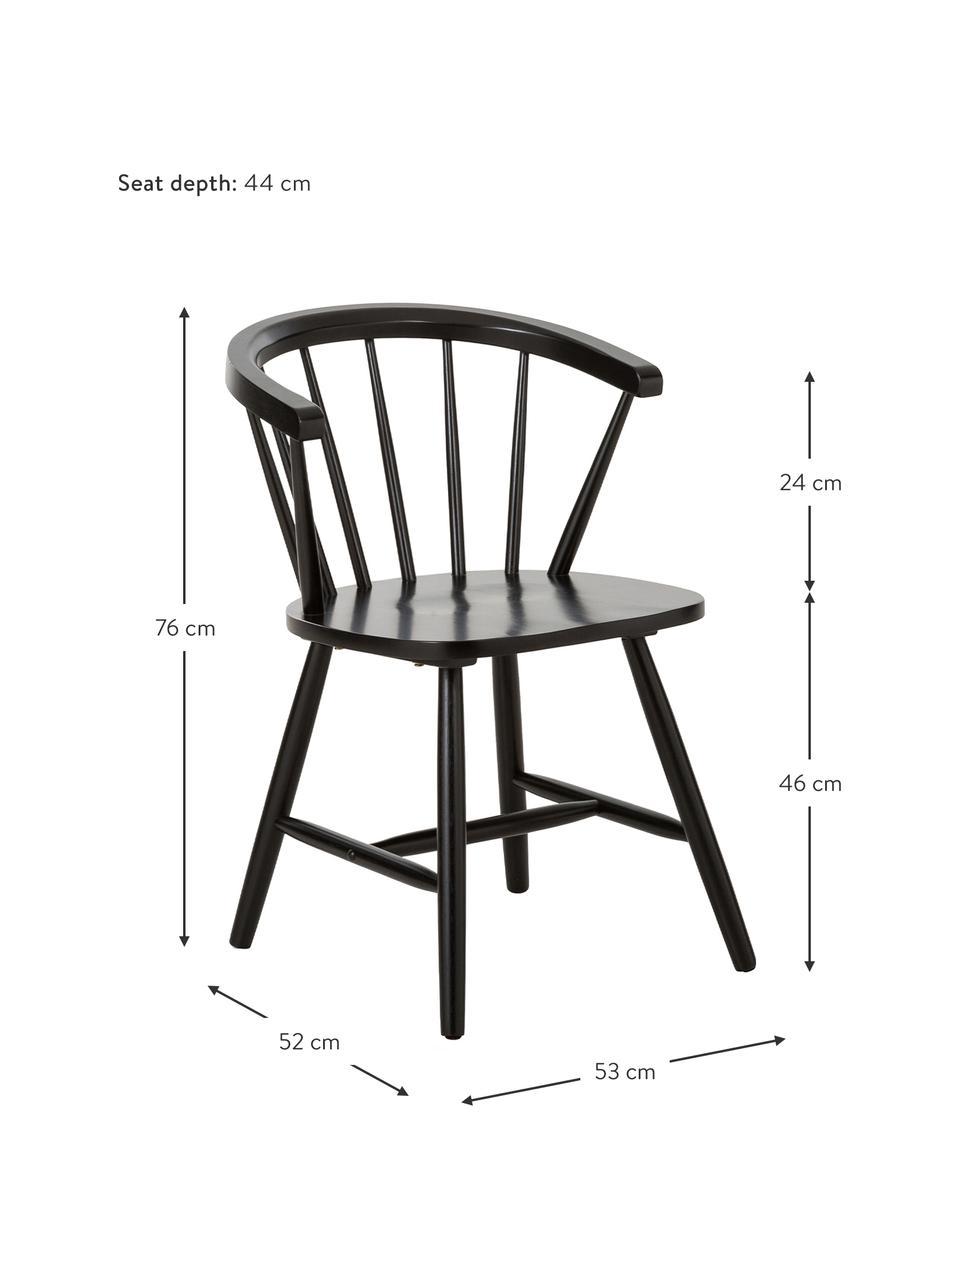 Sedia Windsor in legno Megan 2 pz, Legno di albero della gomma verniciato, Nero, Larg. 53 x Prof. 52 cm